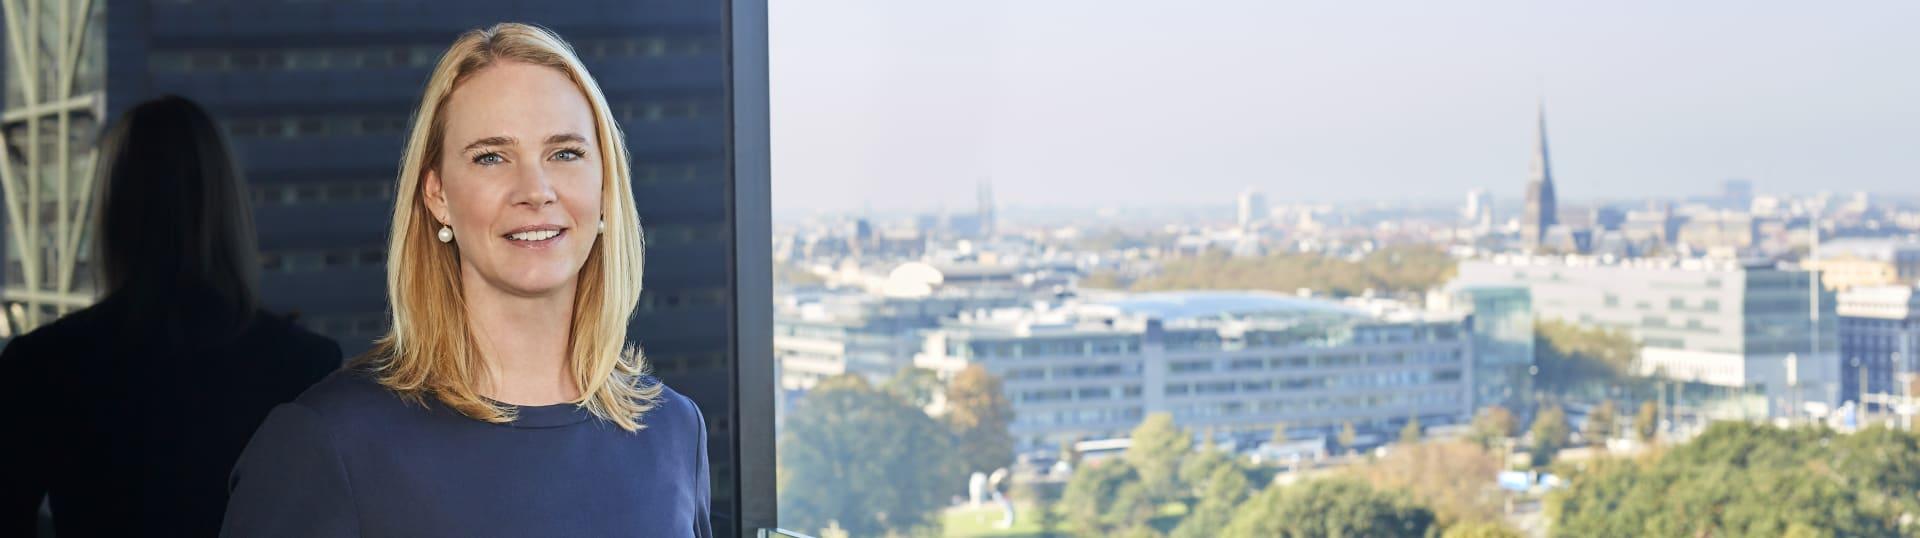 Sandra van Heukelom-Verhage, advocaat Pels Rijcken